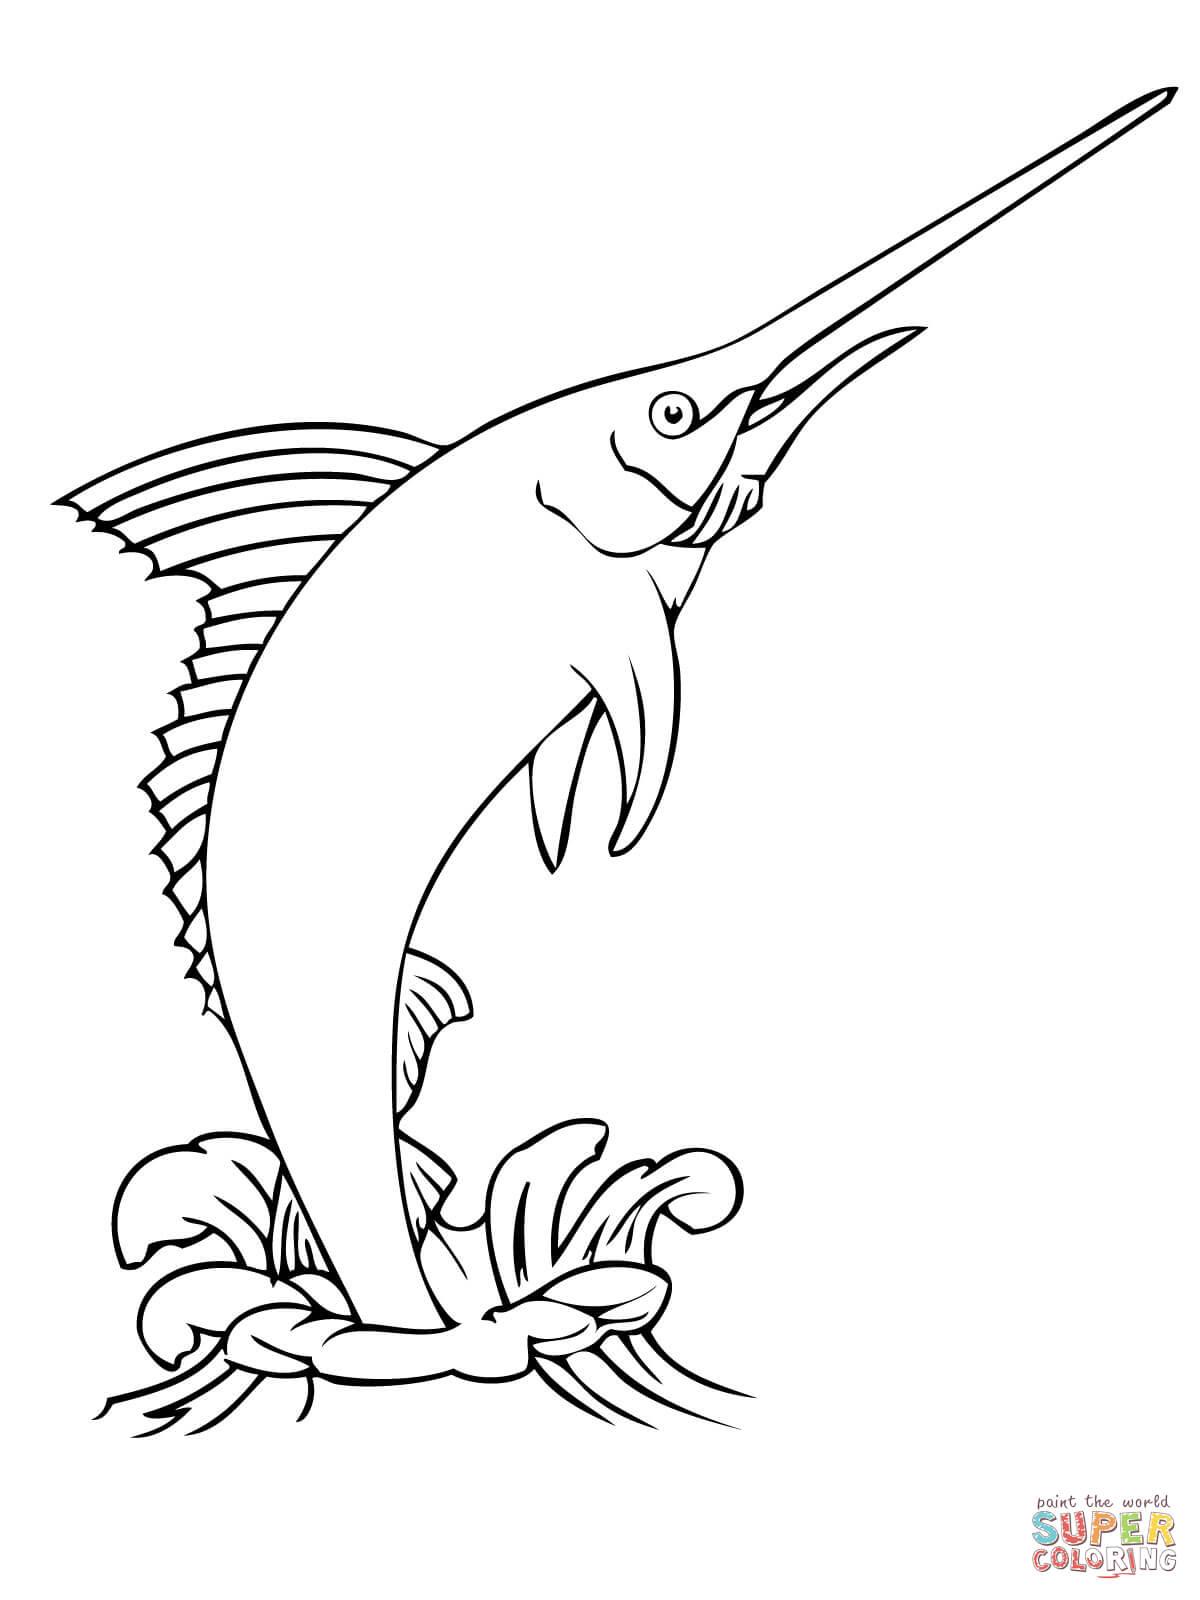 Marlin Fish Coloring Page